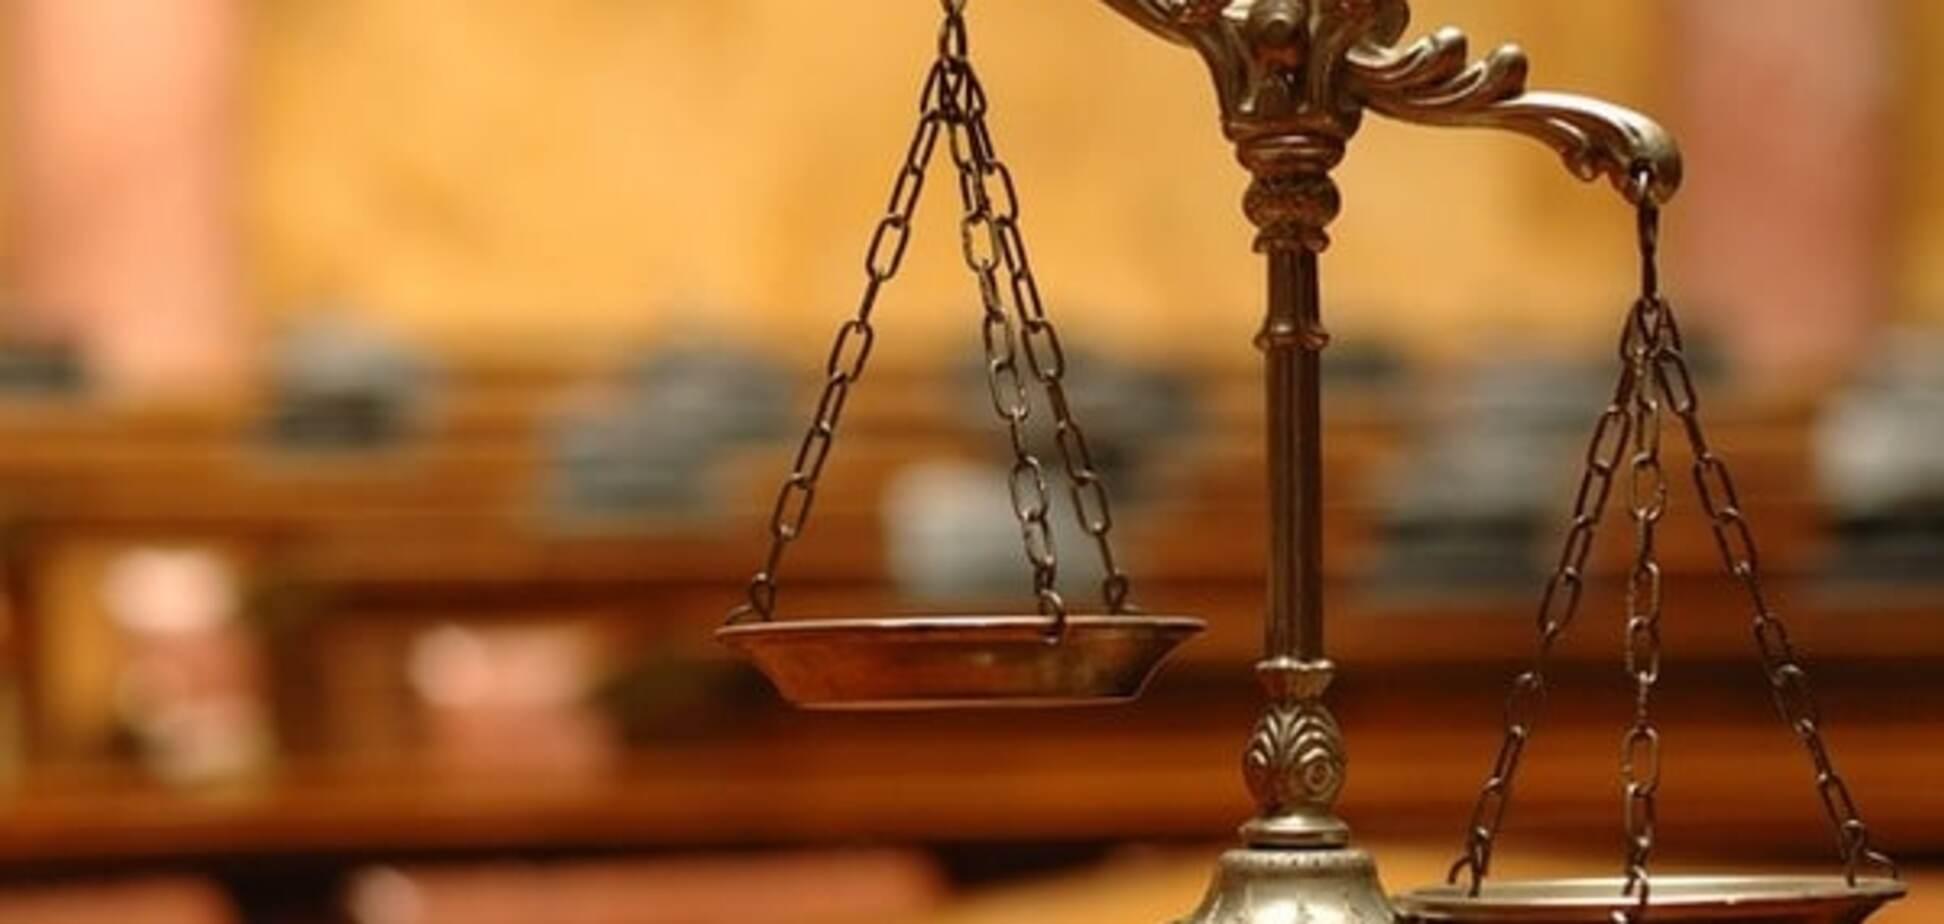 Куценко и Шацкий выстроили коррупционную вертикаль в прокуратуре – СМИ